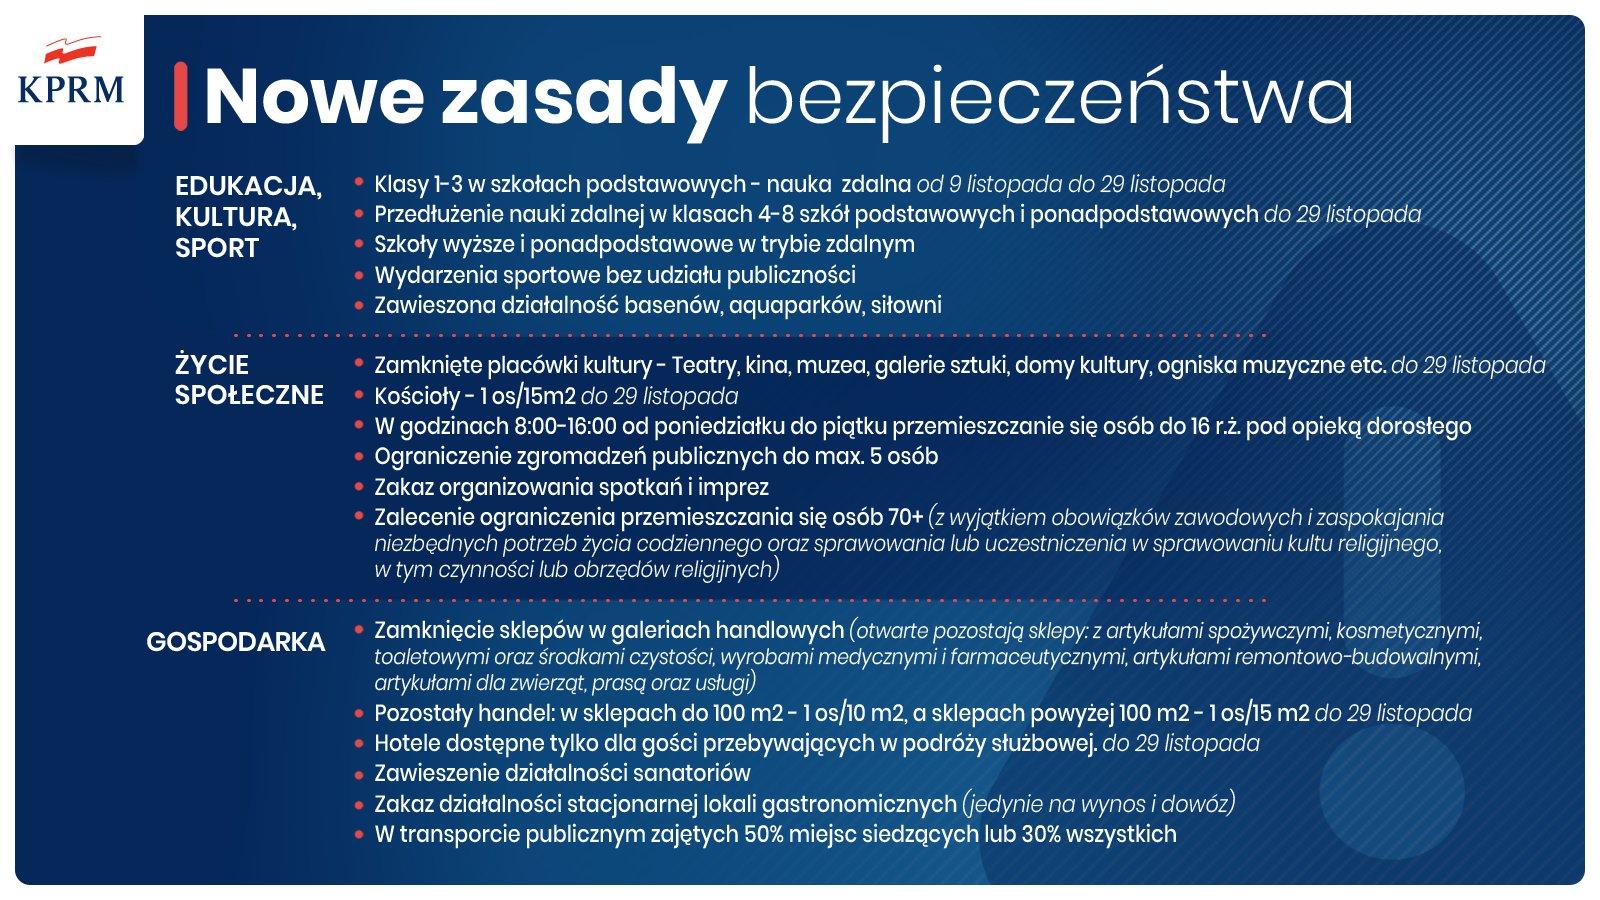 Nowe zasady bezpieczeństwa (Fot. KPRM)